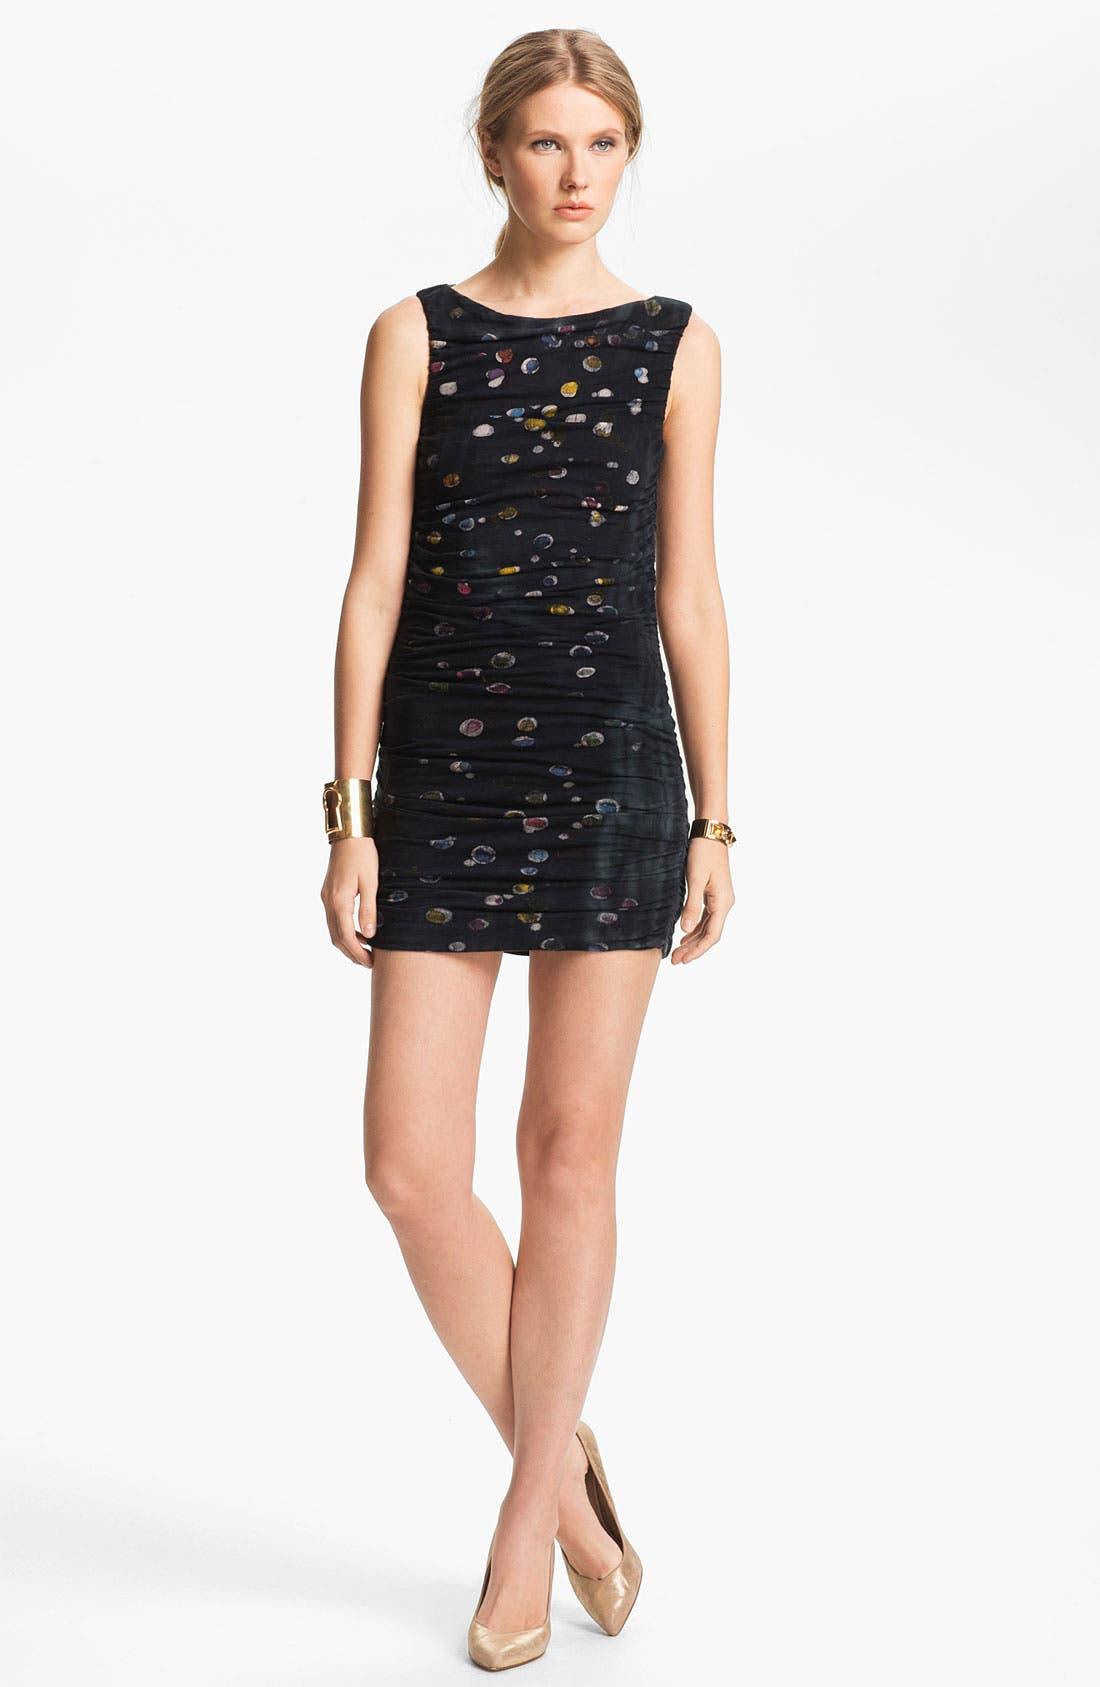 Alternate Image 1 Selected - Kelly Wearstler 'Go-Go' Minidress